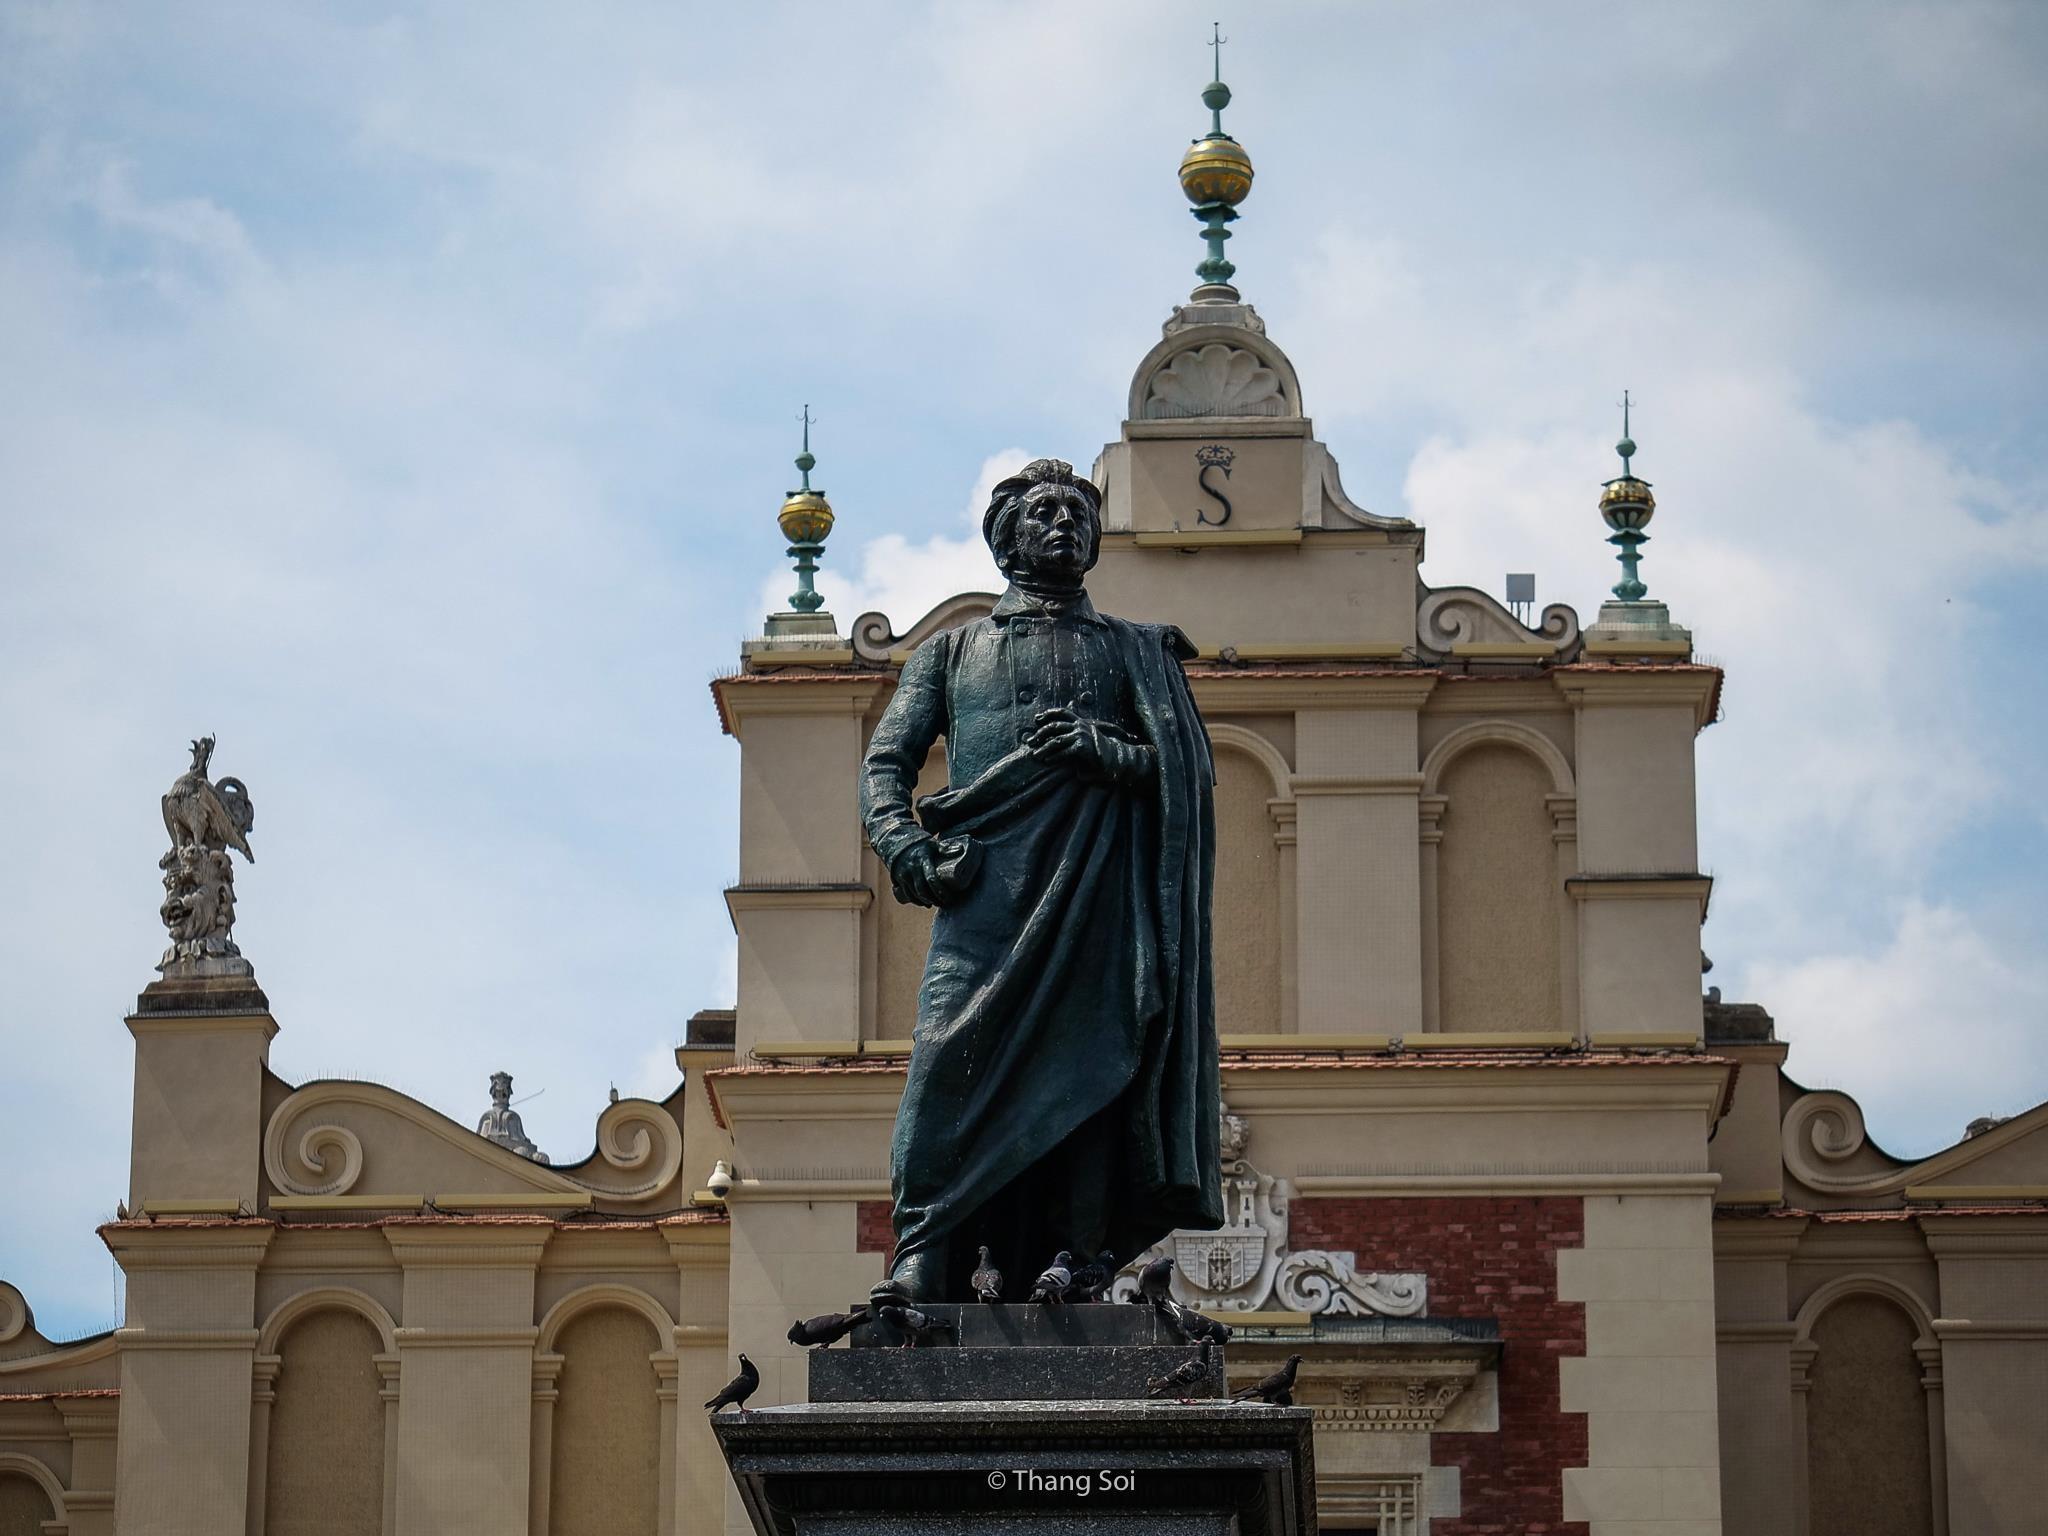 Krakow, kinh do co phai ghe tham khi den Ba Lan hinh anh 36